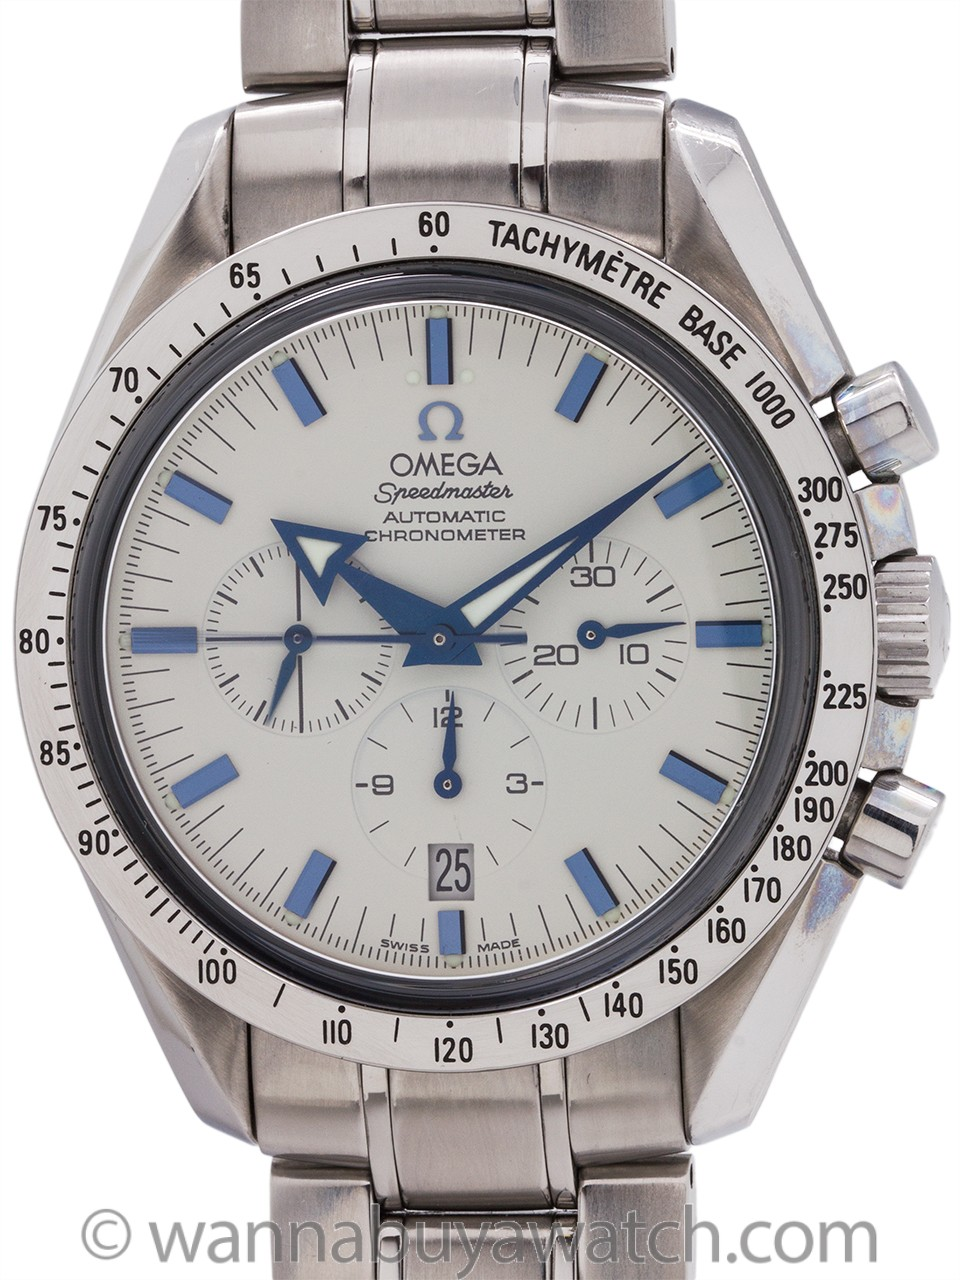 Omega Speedmaster Broad Arrow ref 3551.20